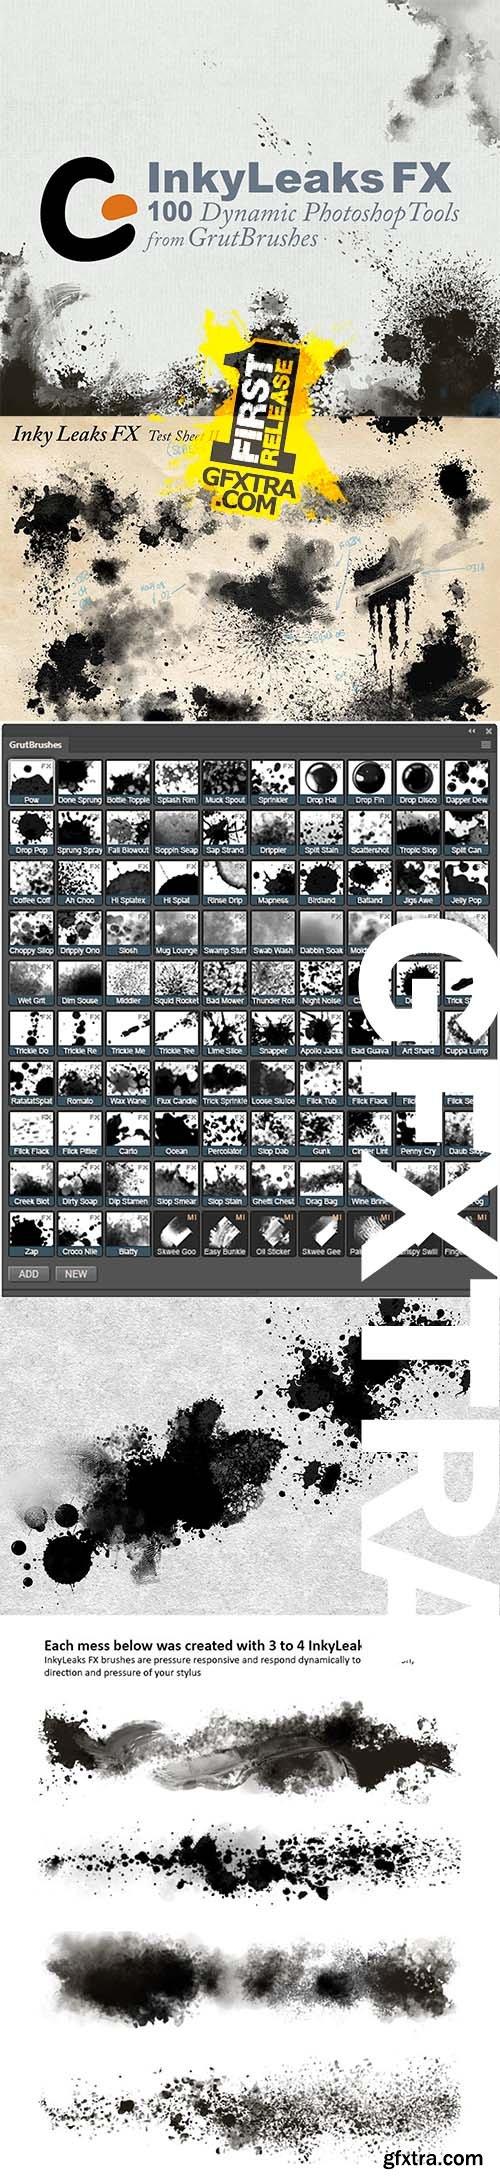 InkyLeaks - 100 Splatter FX Brushes by GrutBrushes